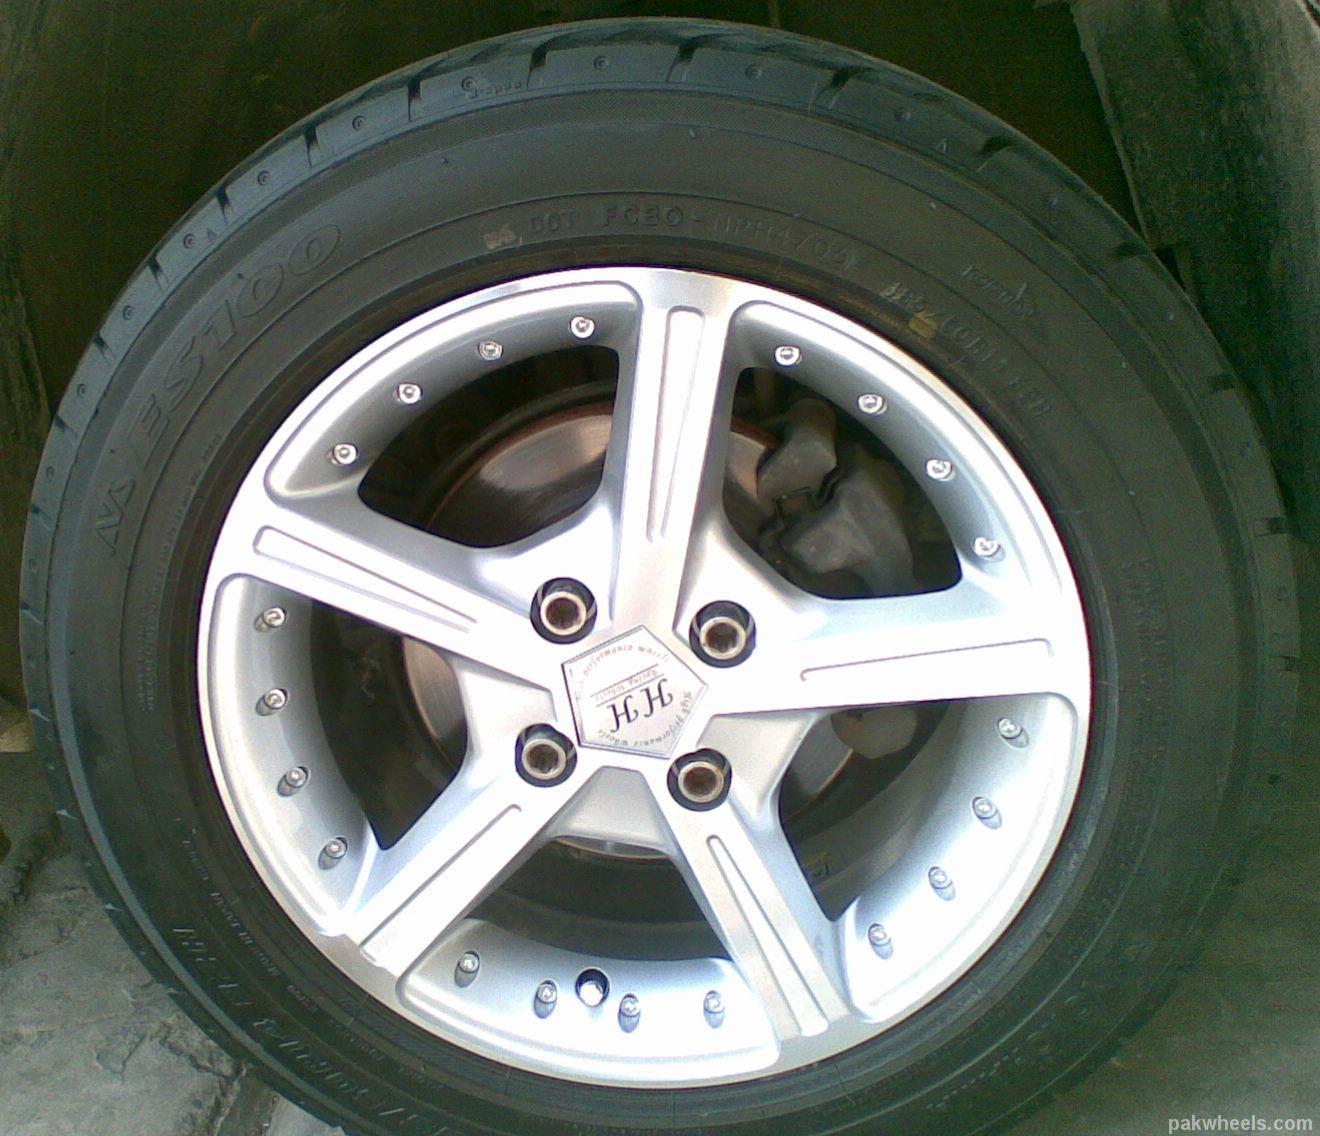 got new rims tyres 185 60 r14 116370. Black Bedroom Furniture Sets. Home Design Ideas